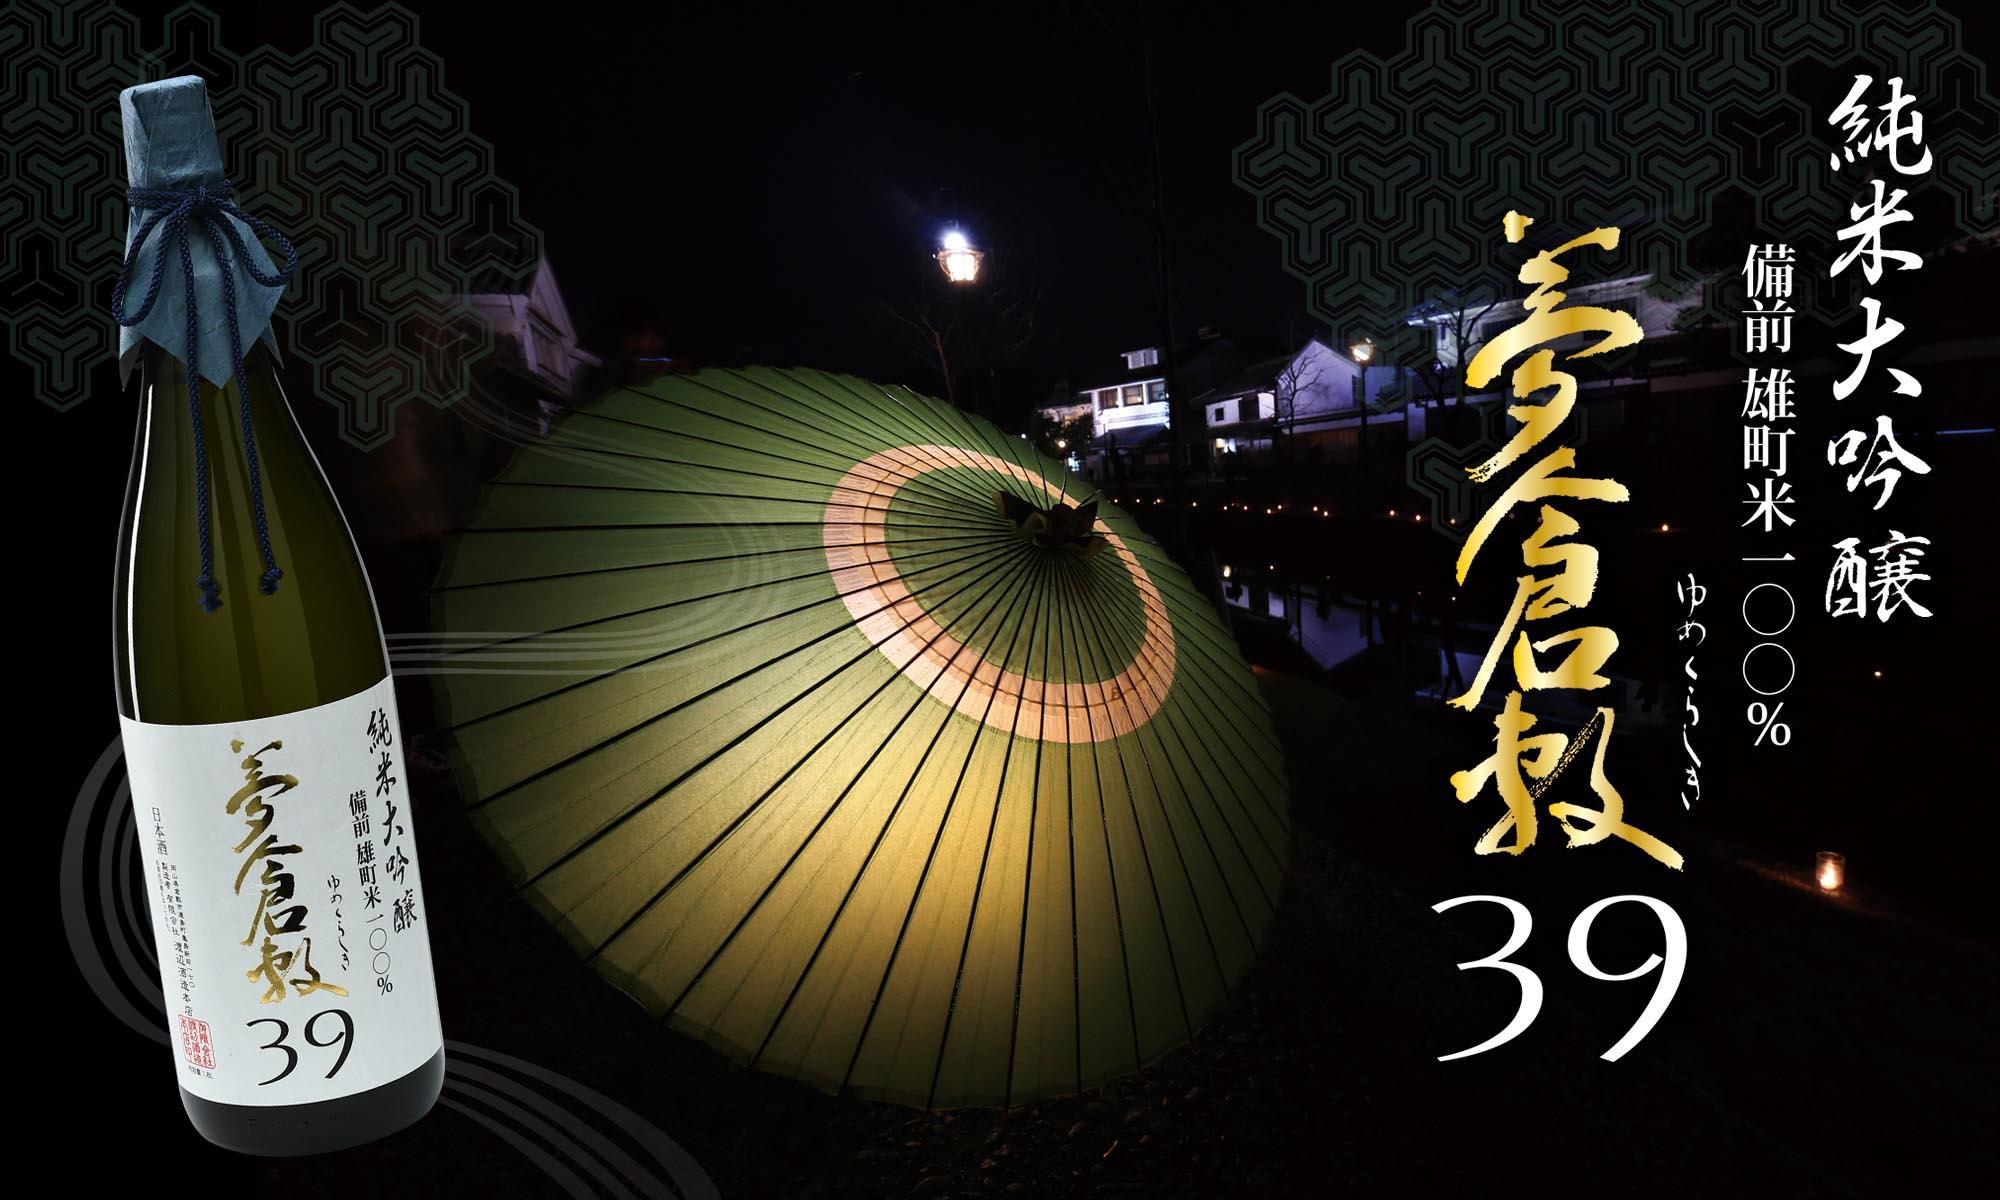 夢倉敷39